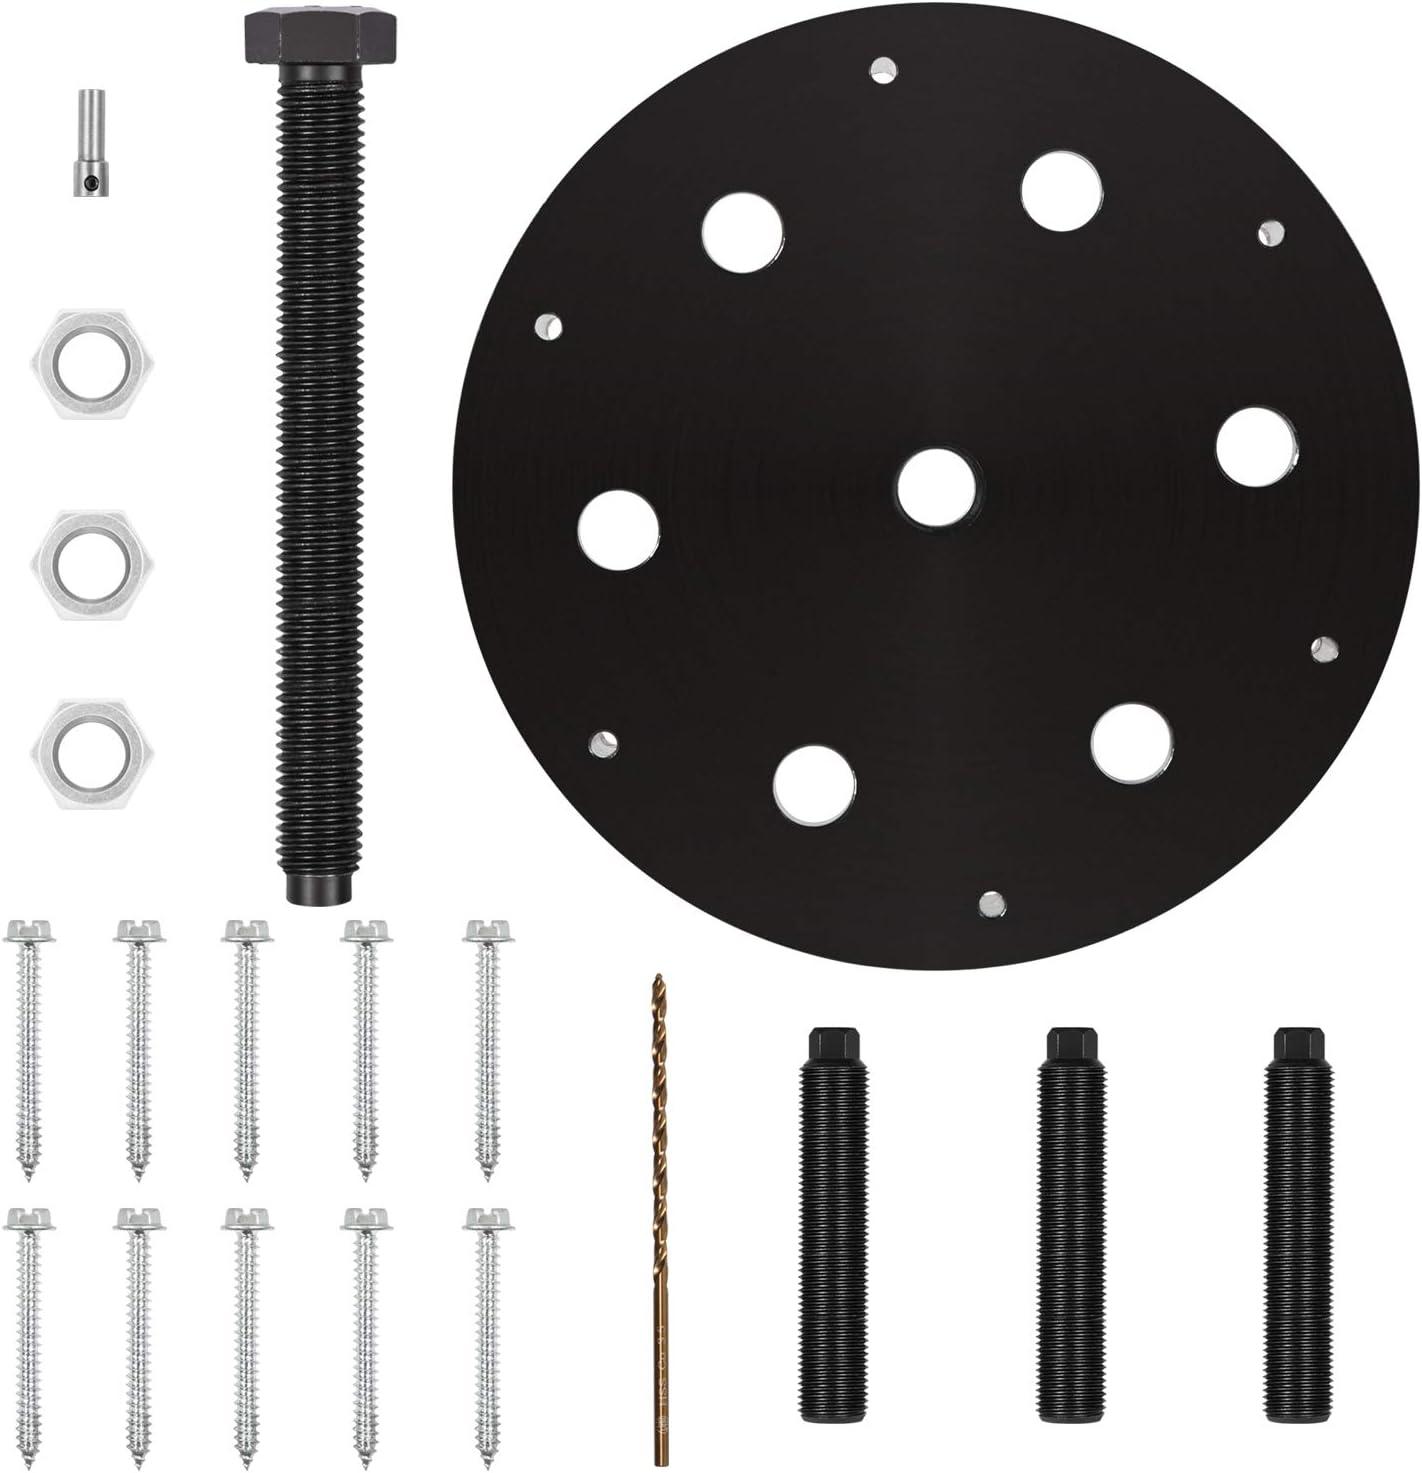 Cummins ISX QSX Rear Oil Seal Installer /& Remover OEM Tool 3164780 Alternative